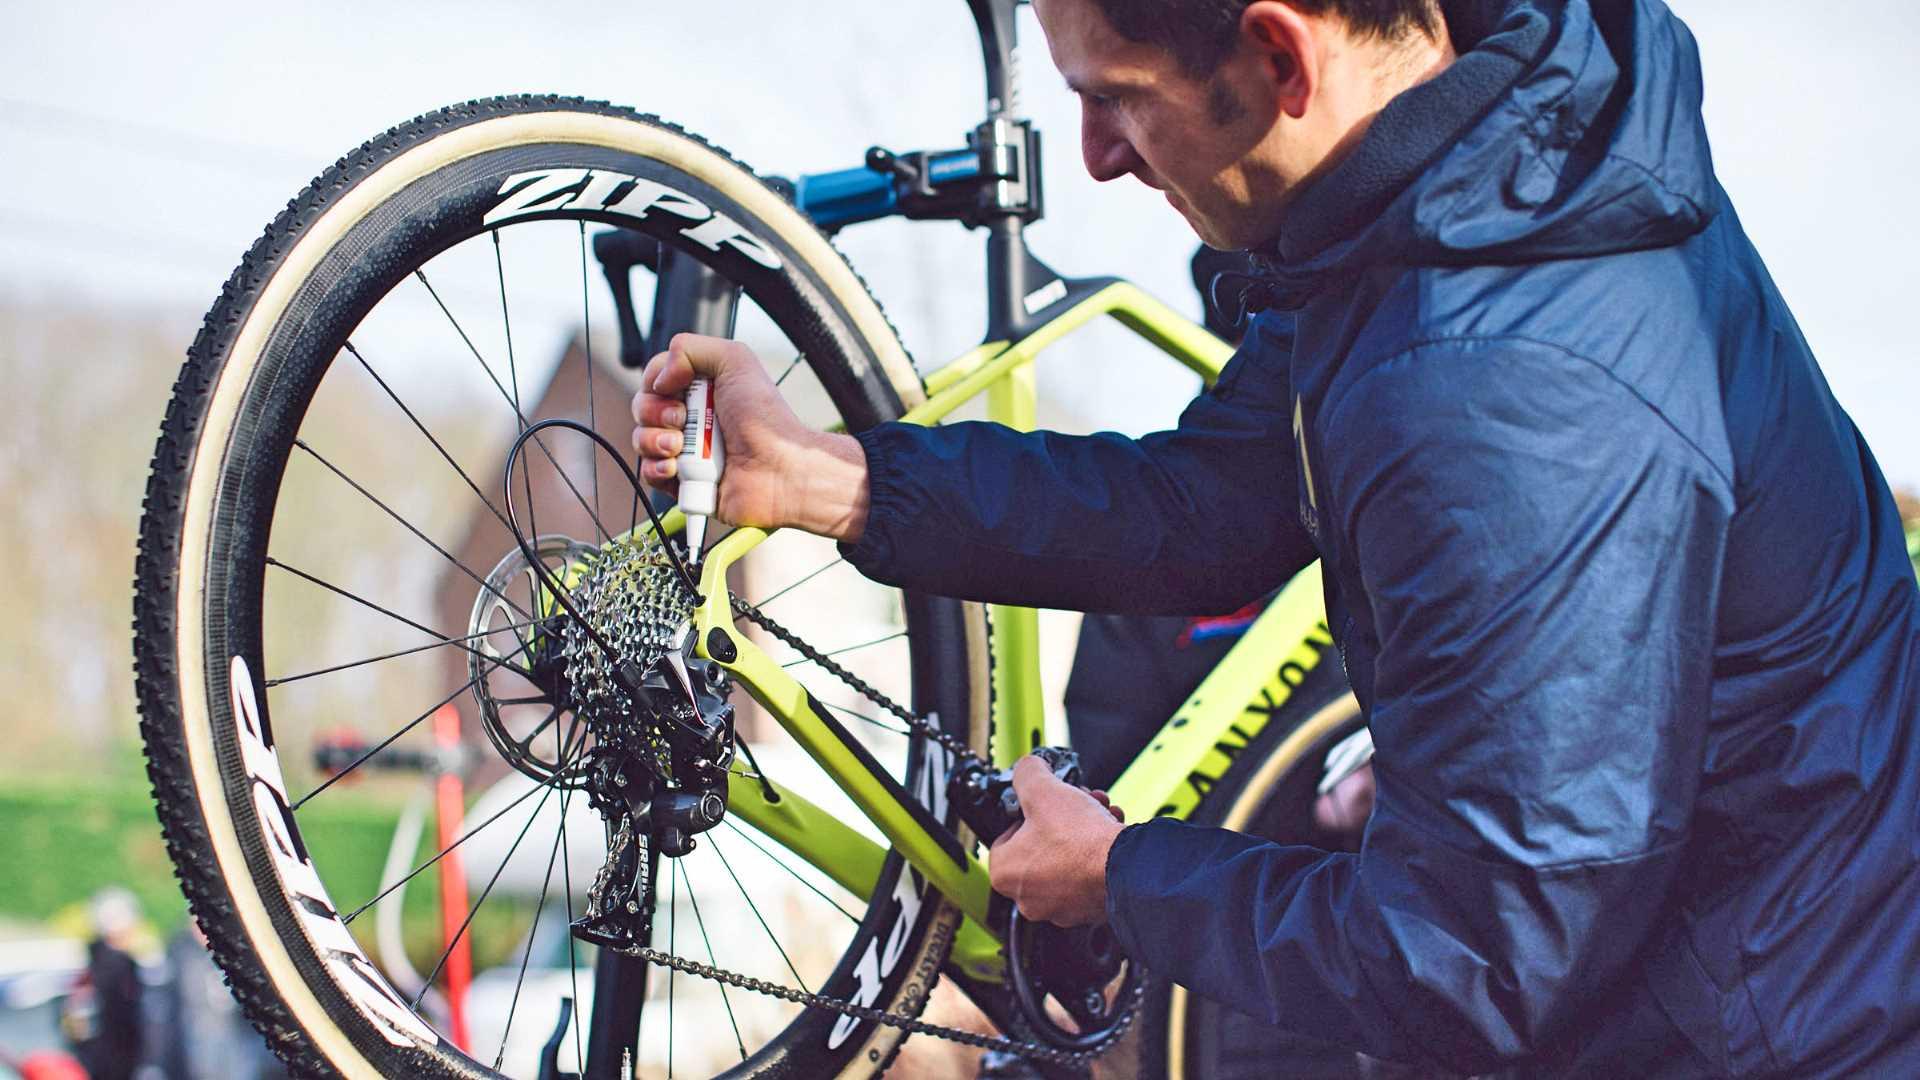 manutencao-bicicletas